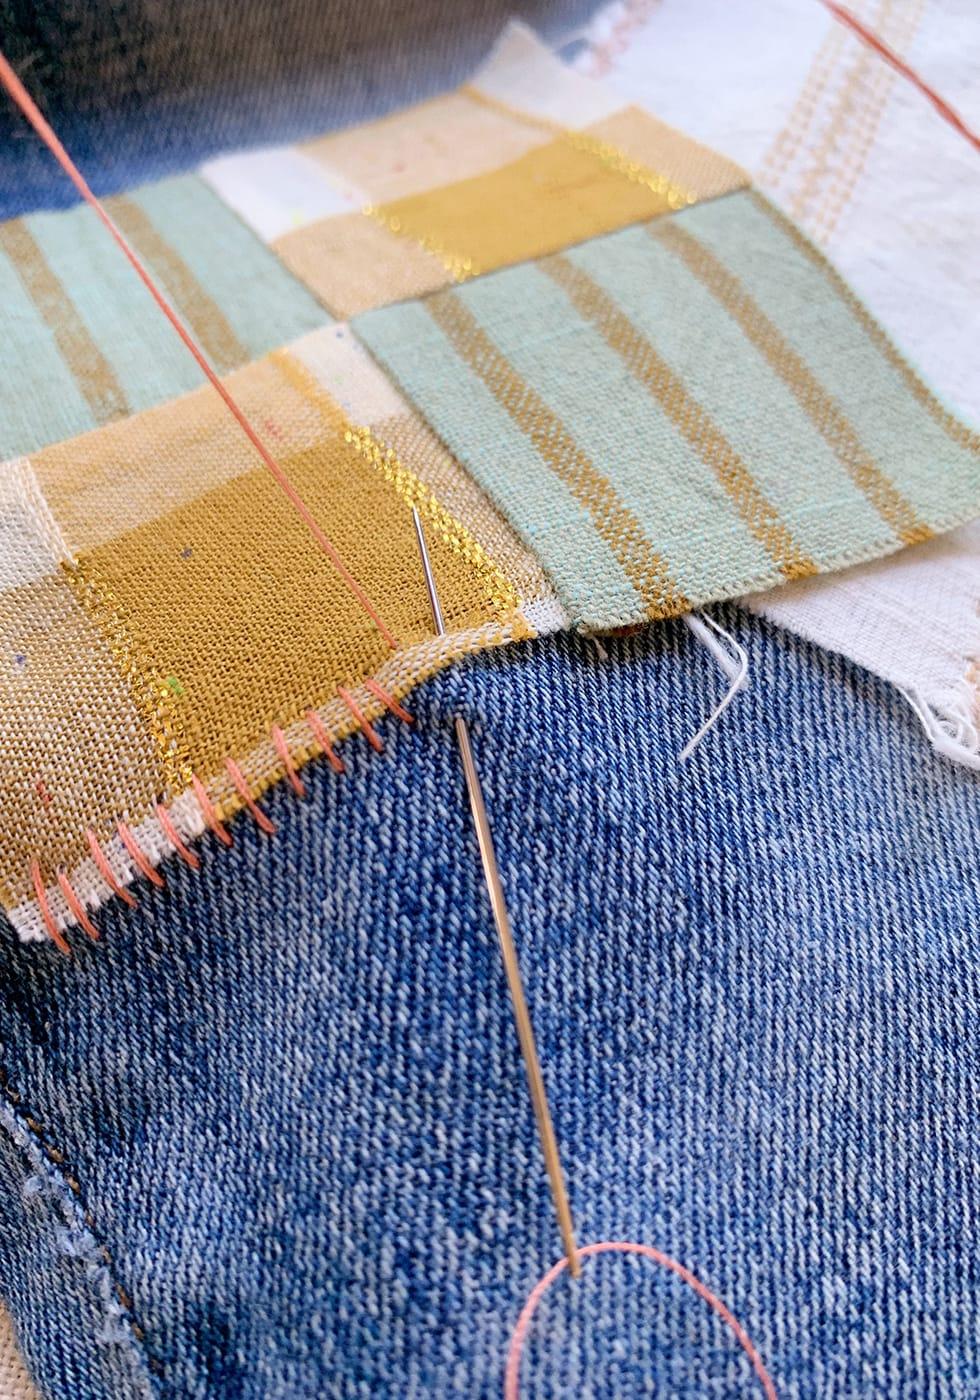 Переделайте старые джинсы в яркую дизайнерскую вещь с помощью обычных заплаток одежда,переделки,рукоделие,своими руками,сделай сам